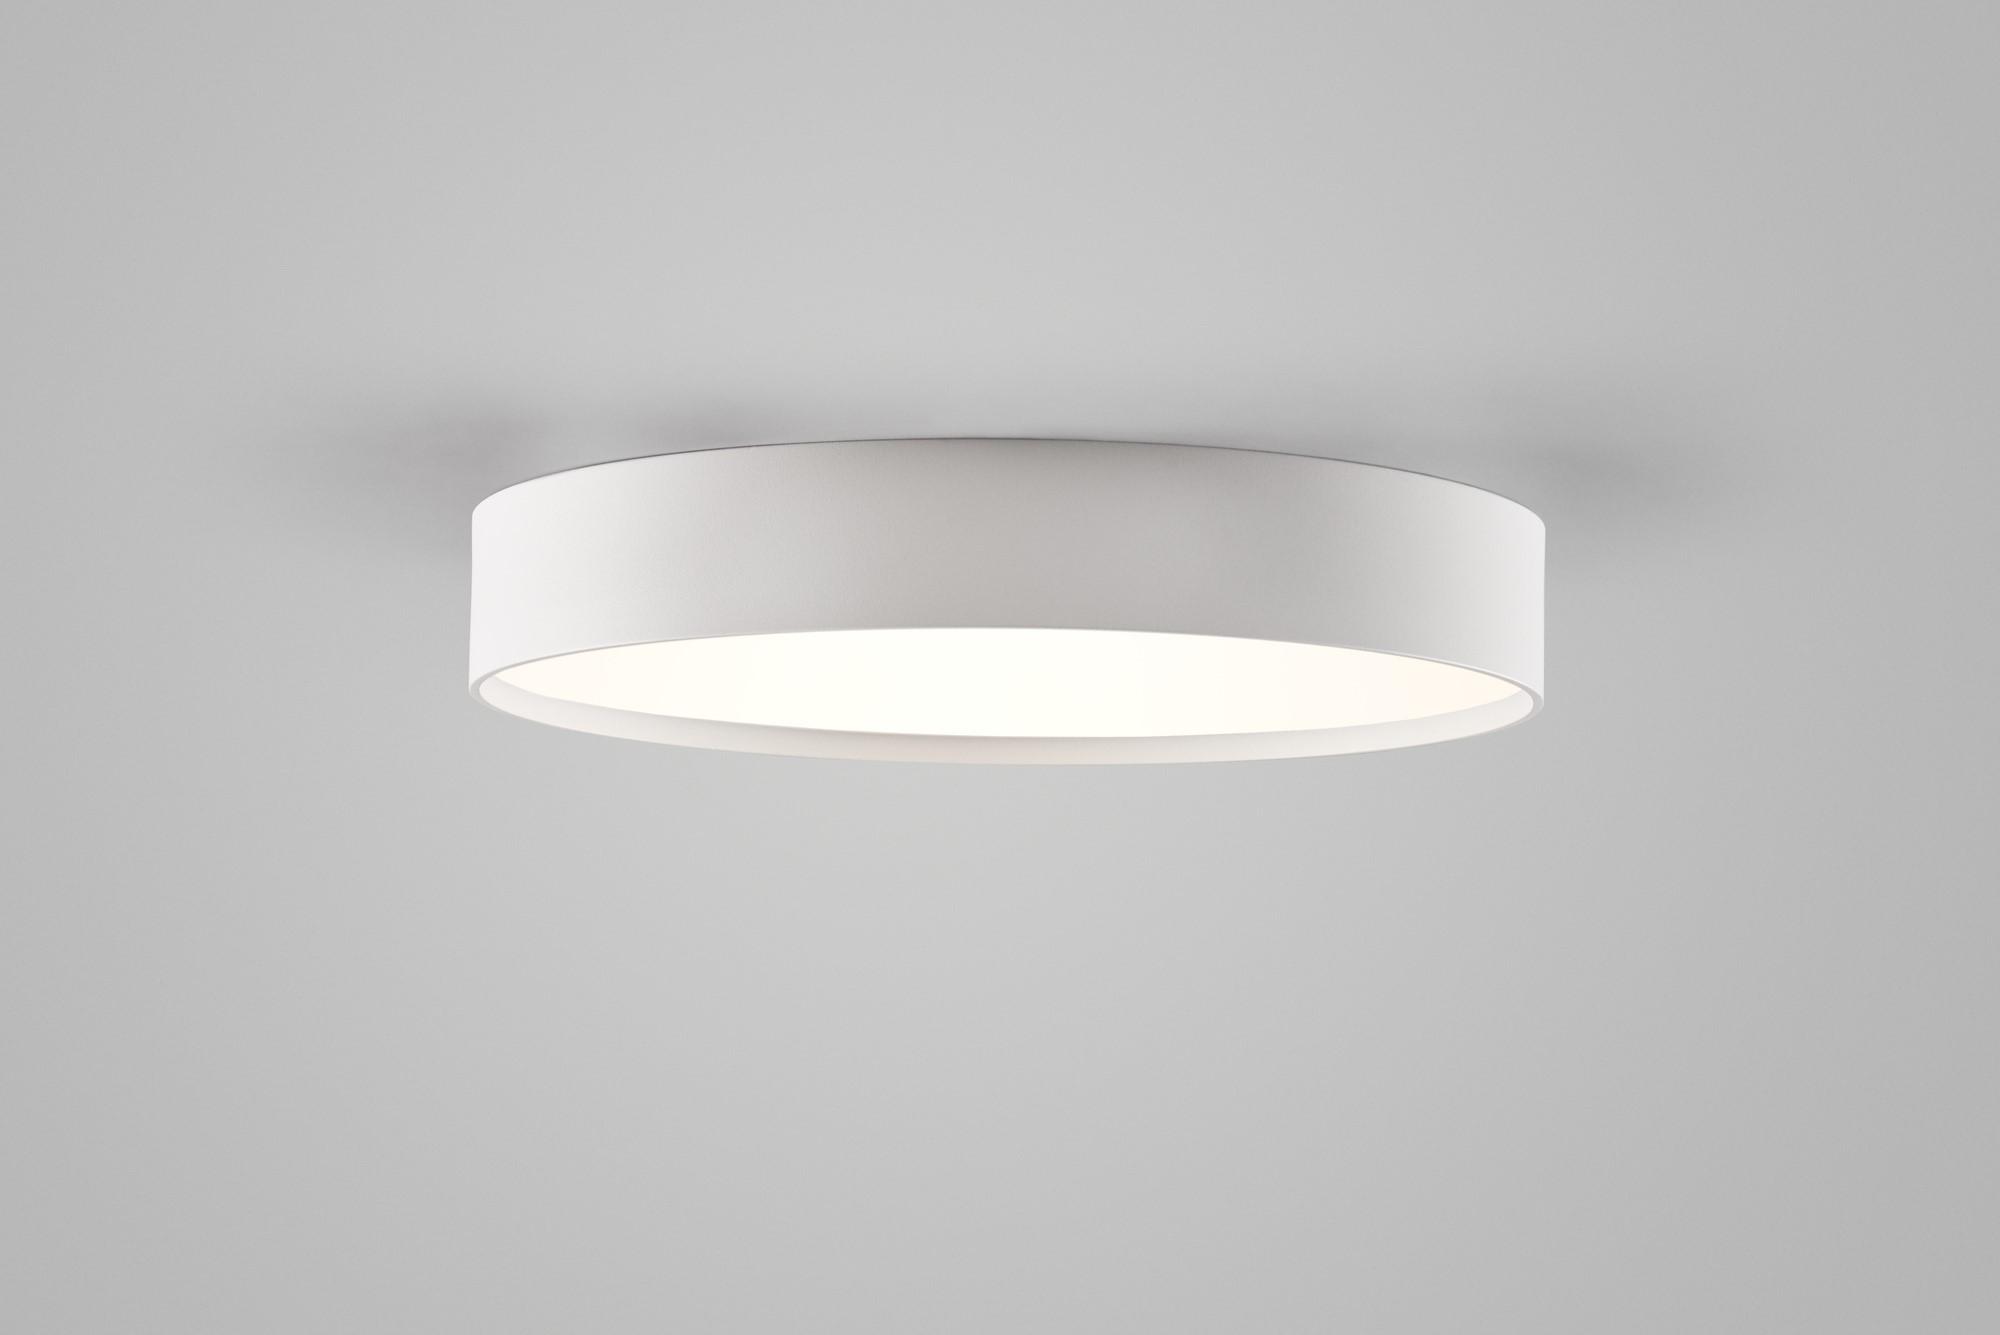 Deckenlampe SURFACE weiß